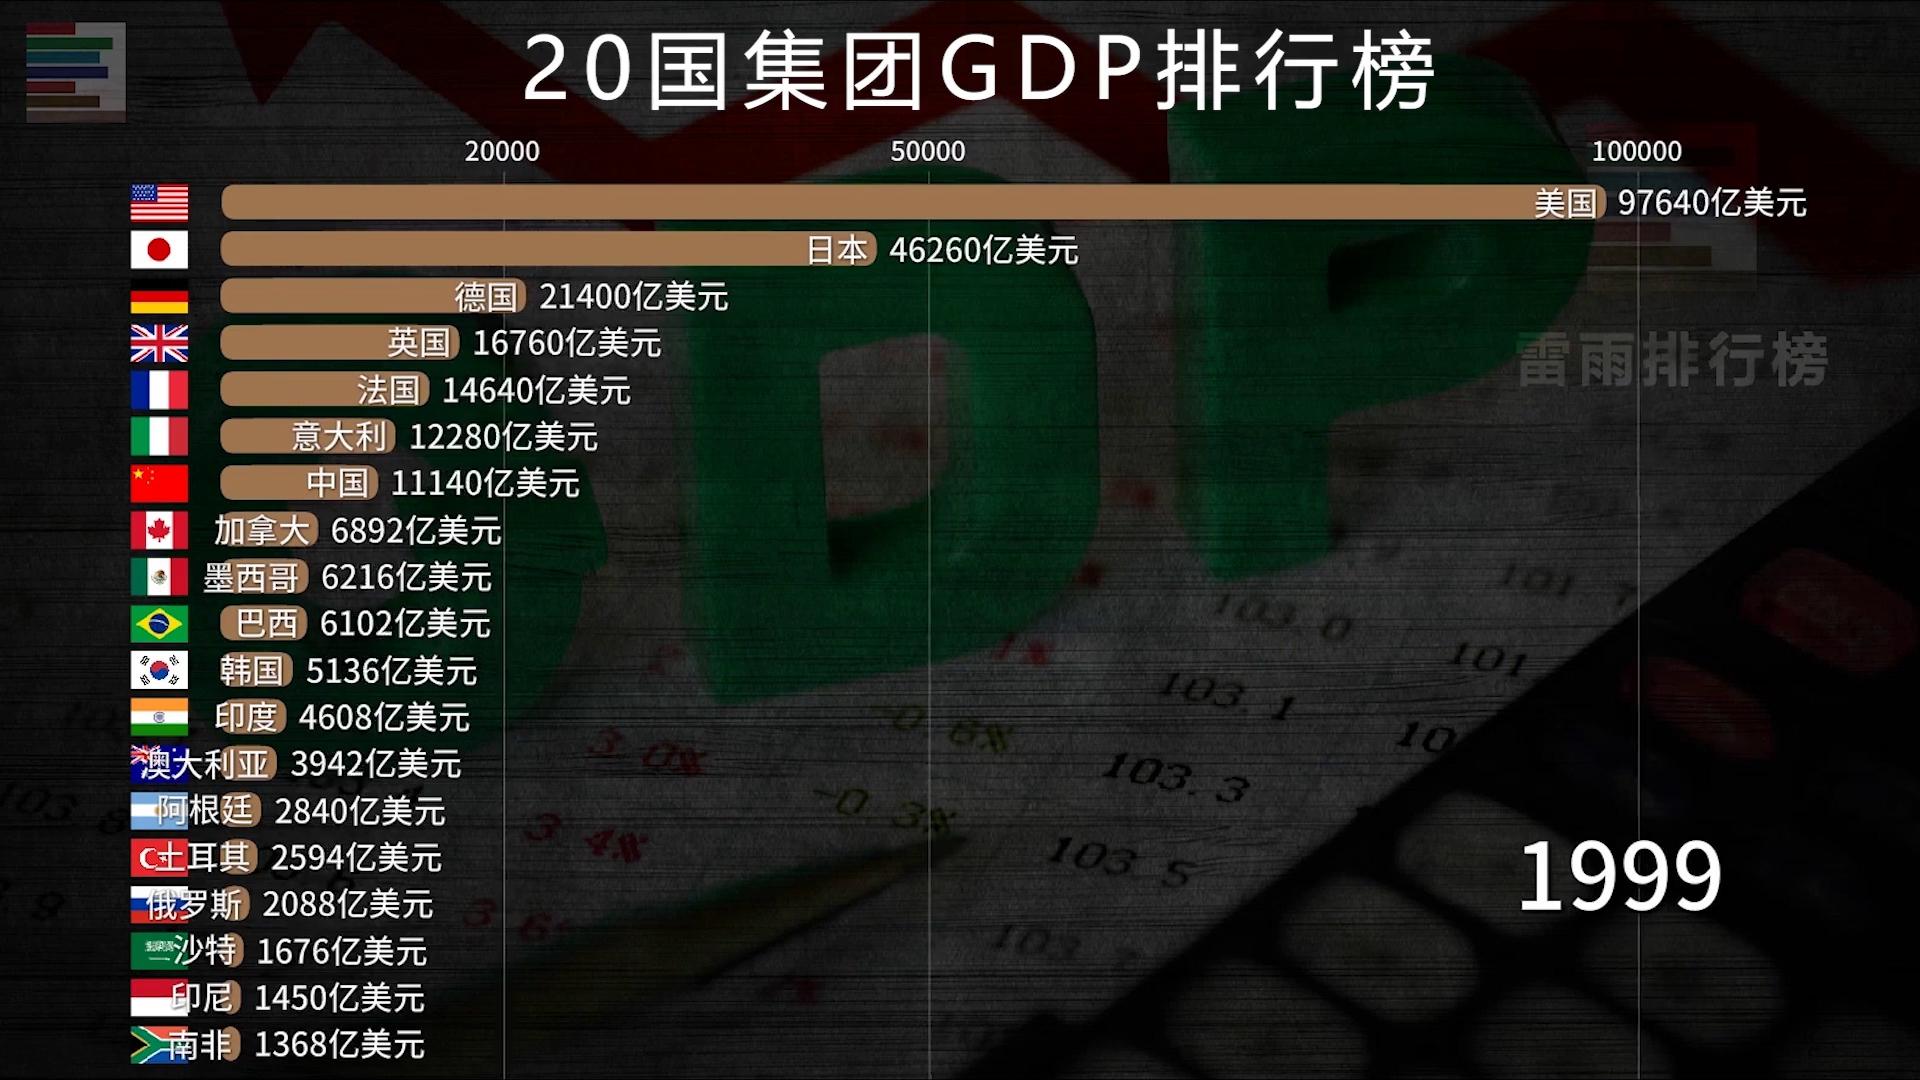 二十国集团GDP排行榜 这才是真正掌握全球命脉的领导者!